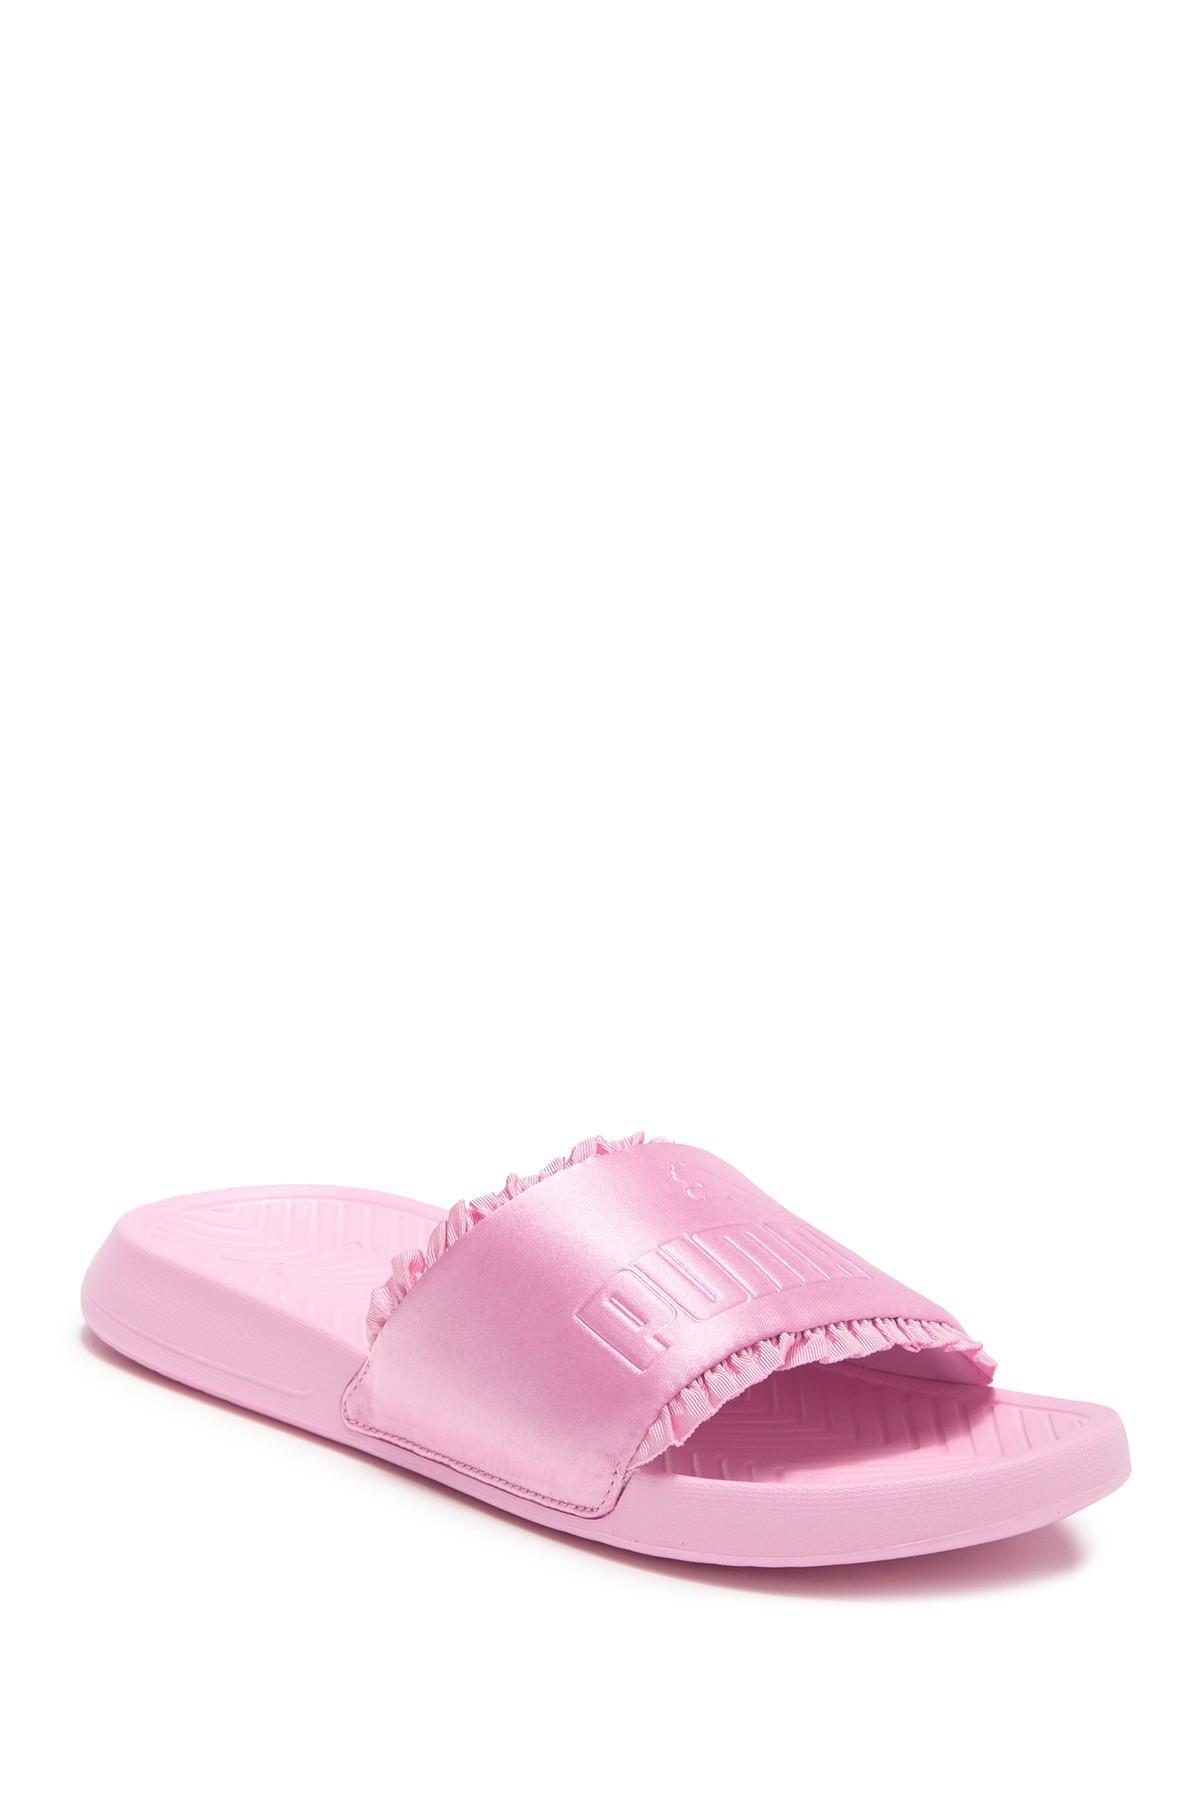 2a03a3490b7 Lyst - PUMA Popcat Satin Slide Sandal in Pink